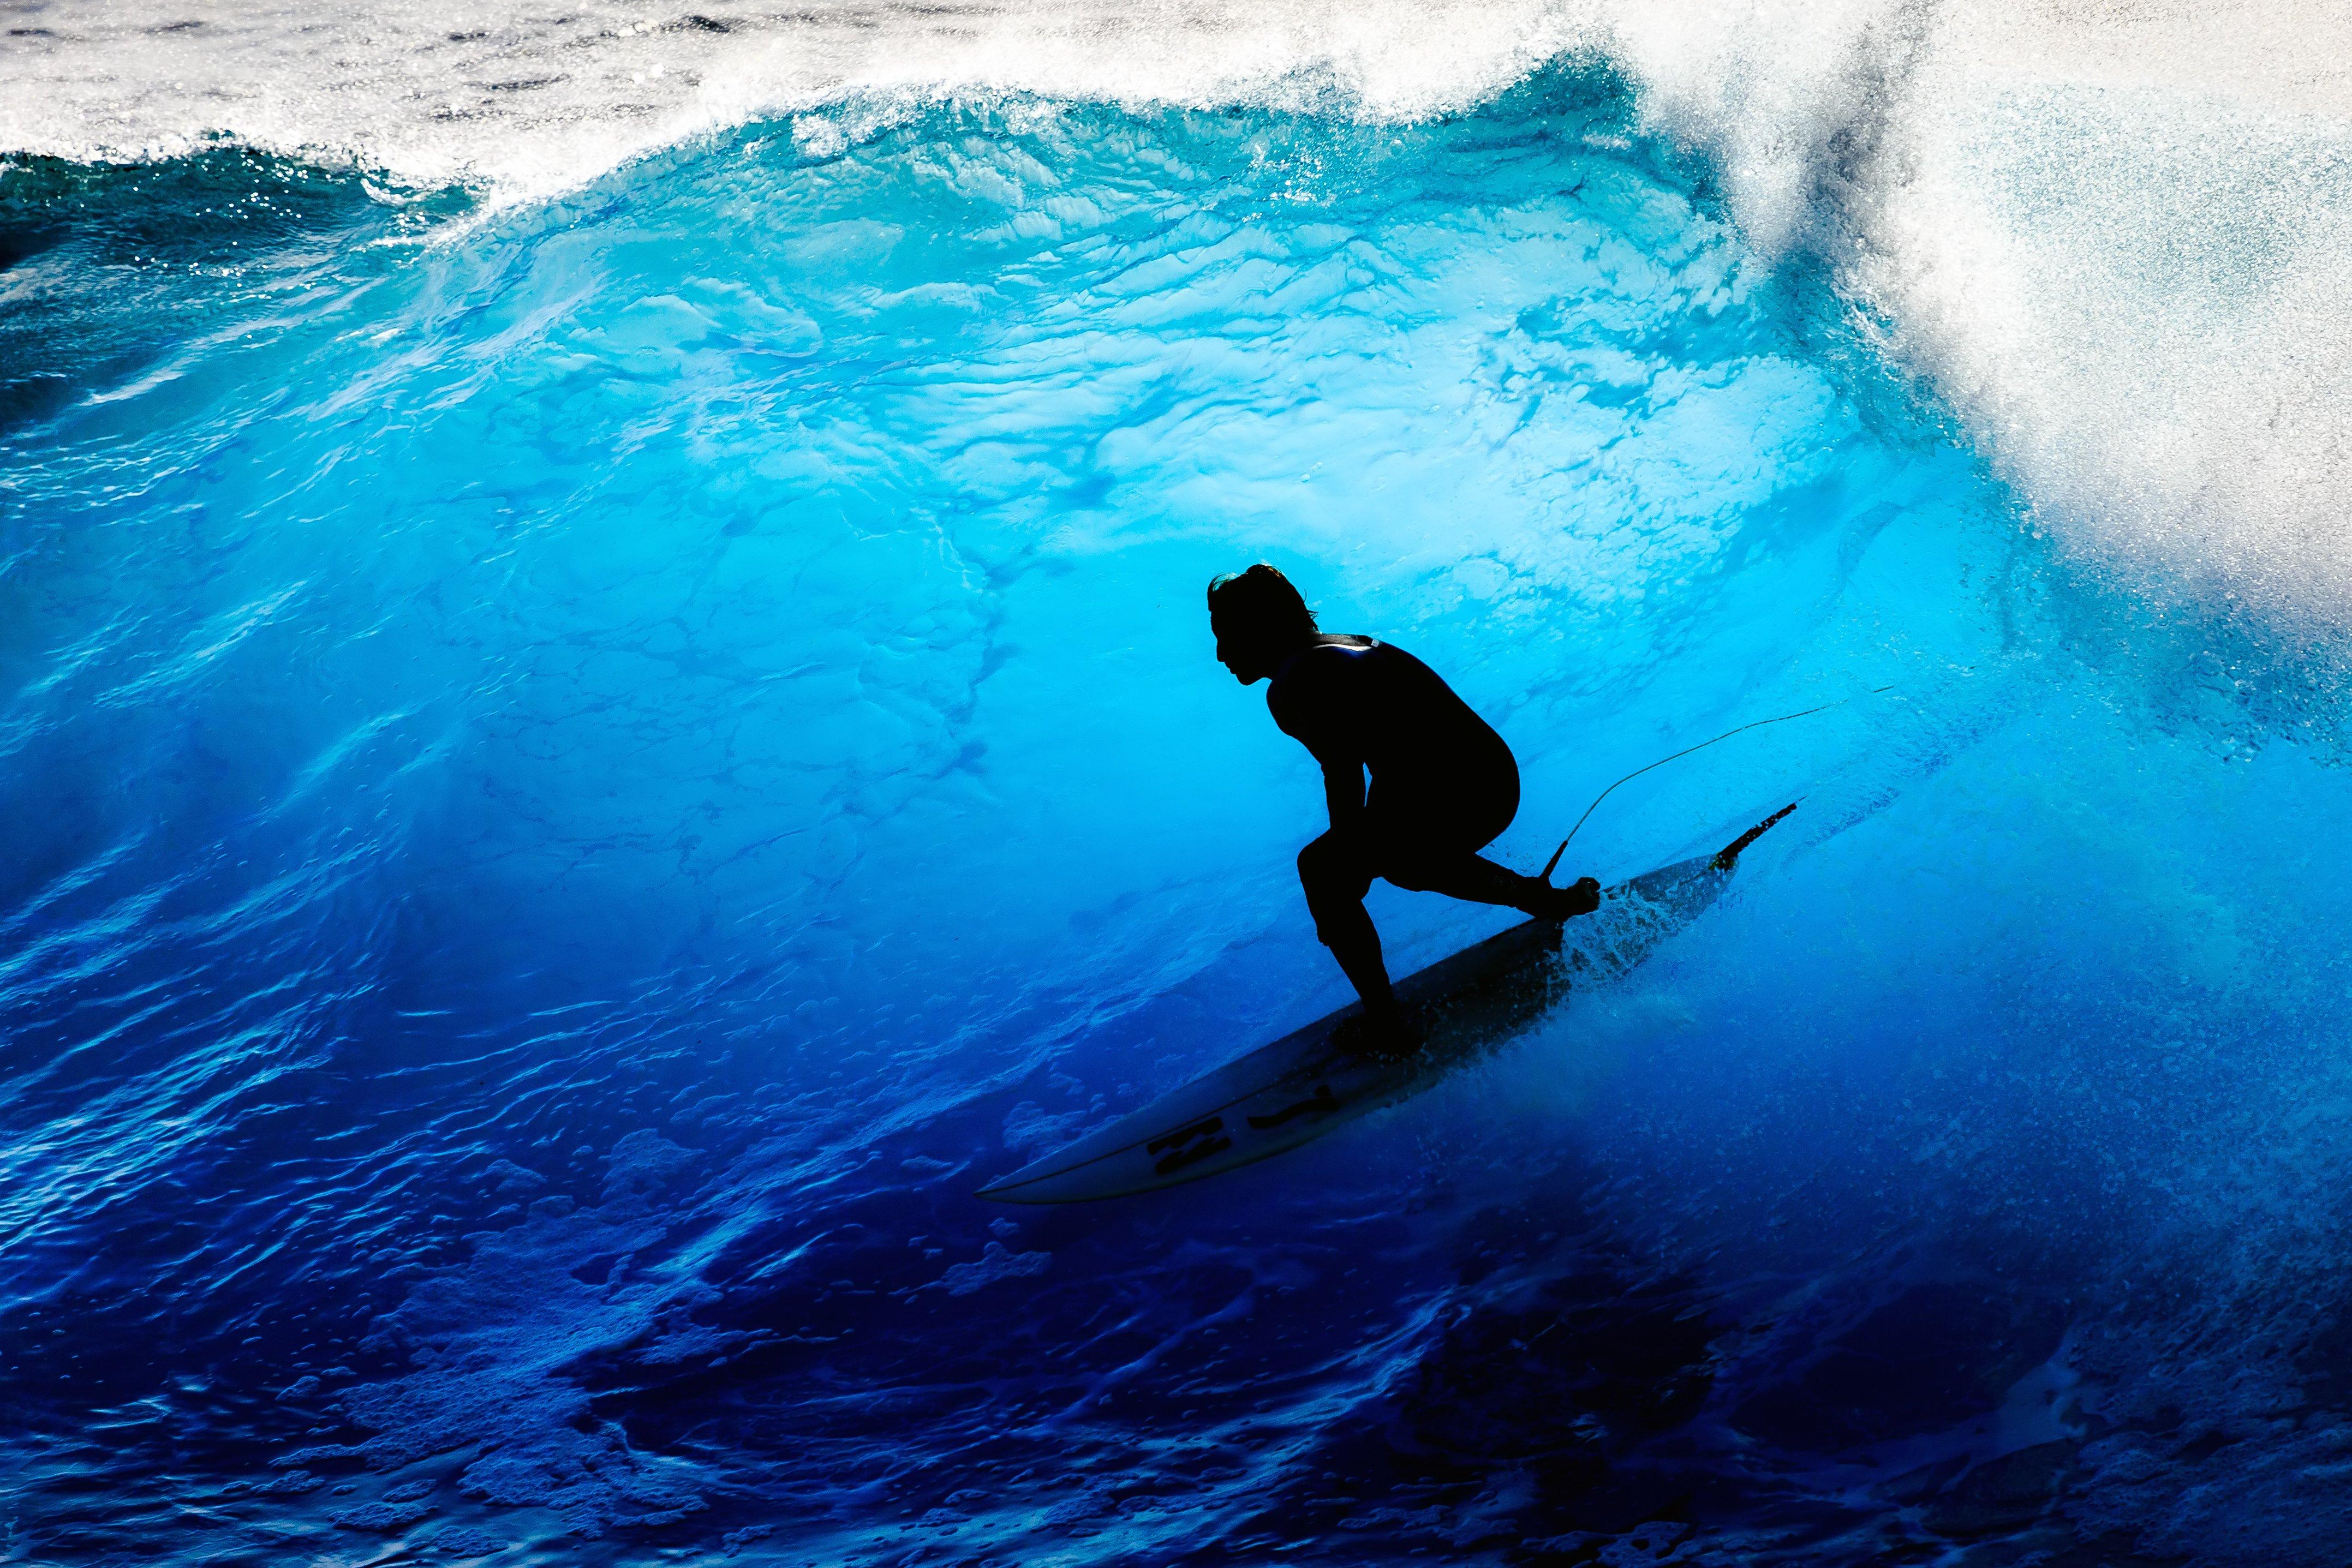 world-surf-league-case-study